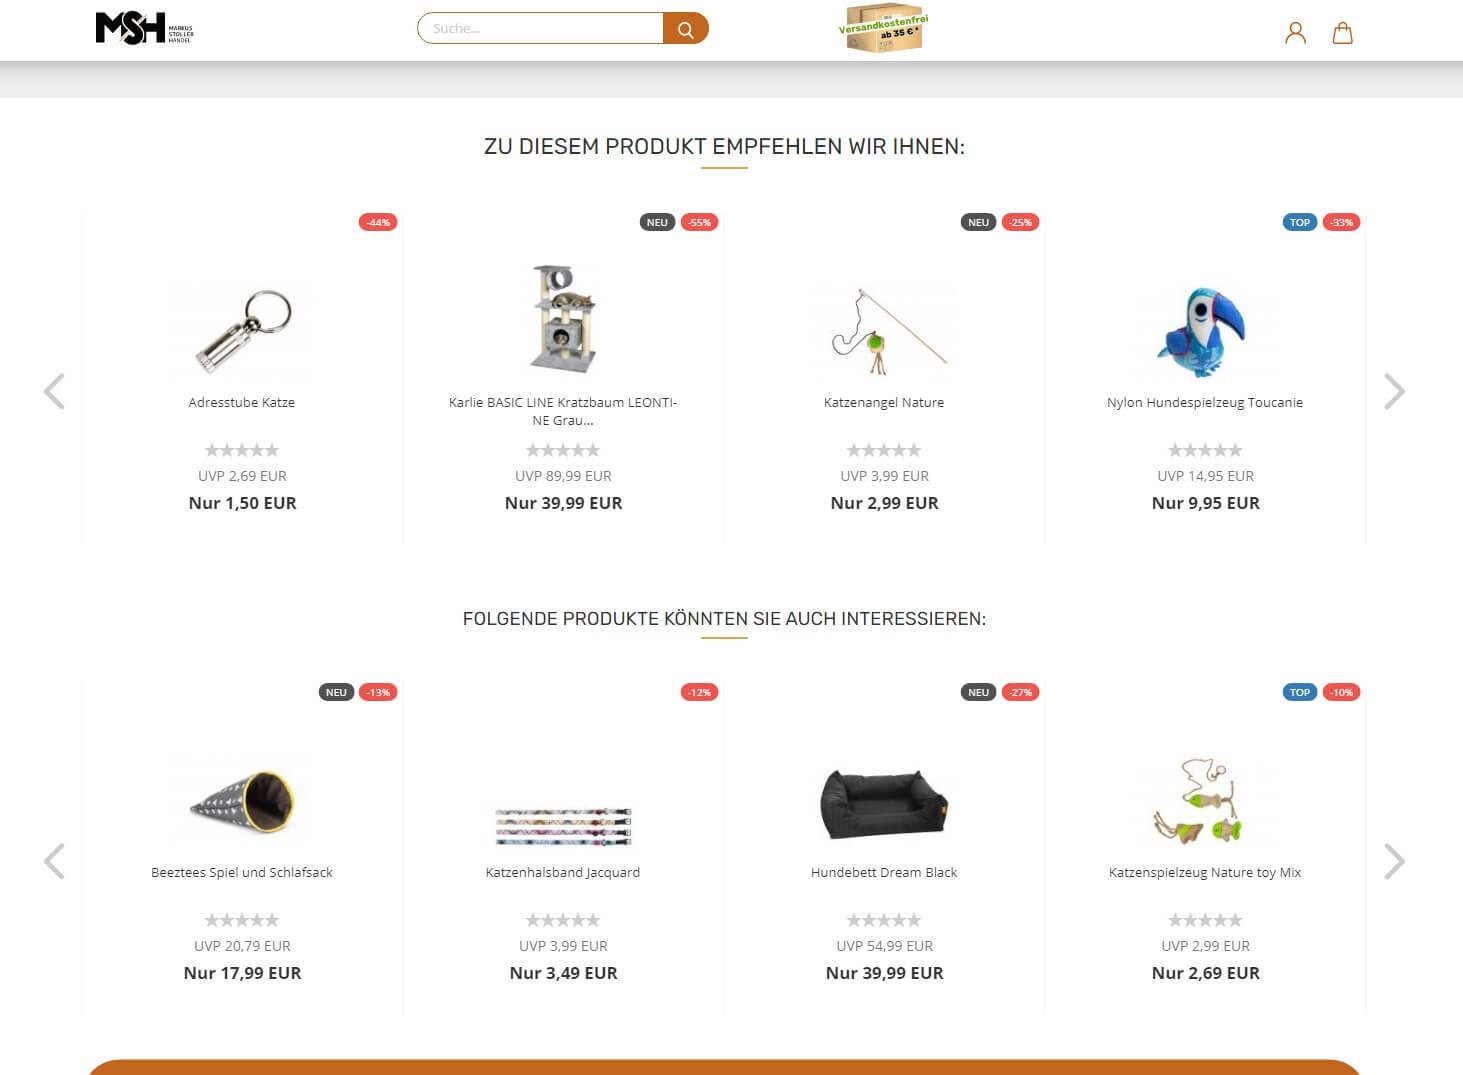 Gambio Shop: Zu diesem Produkt empfehlen wir